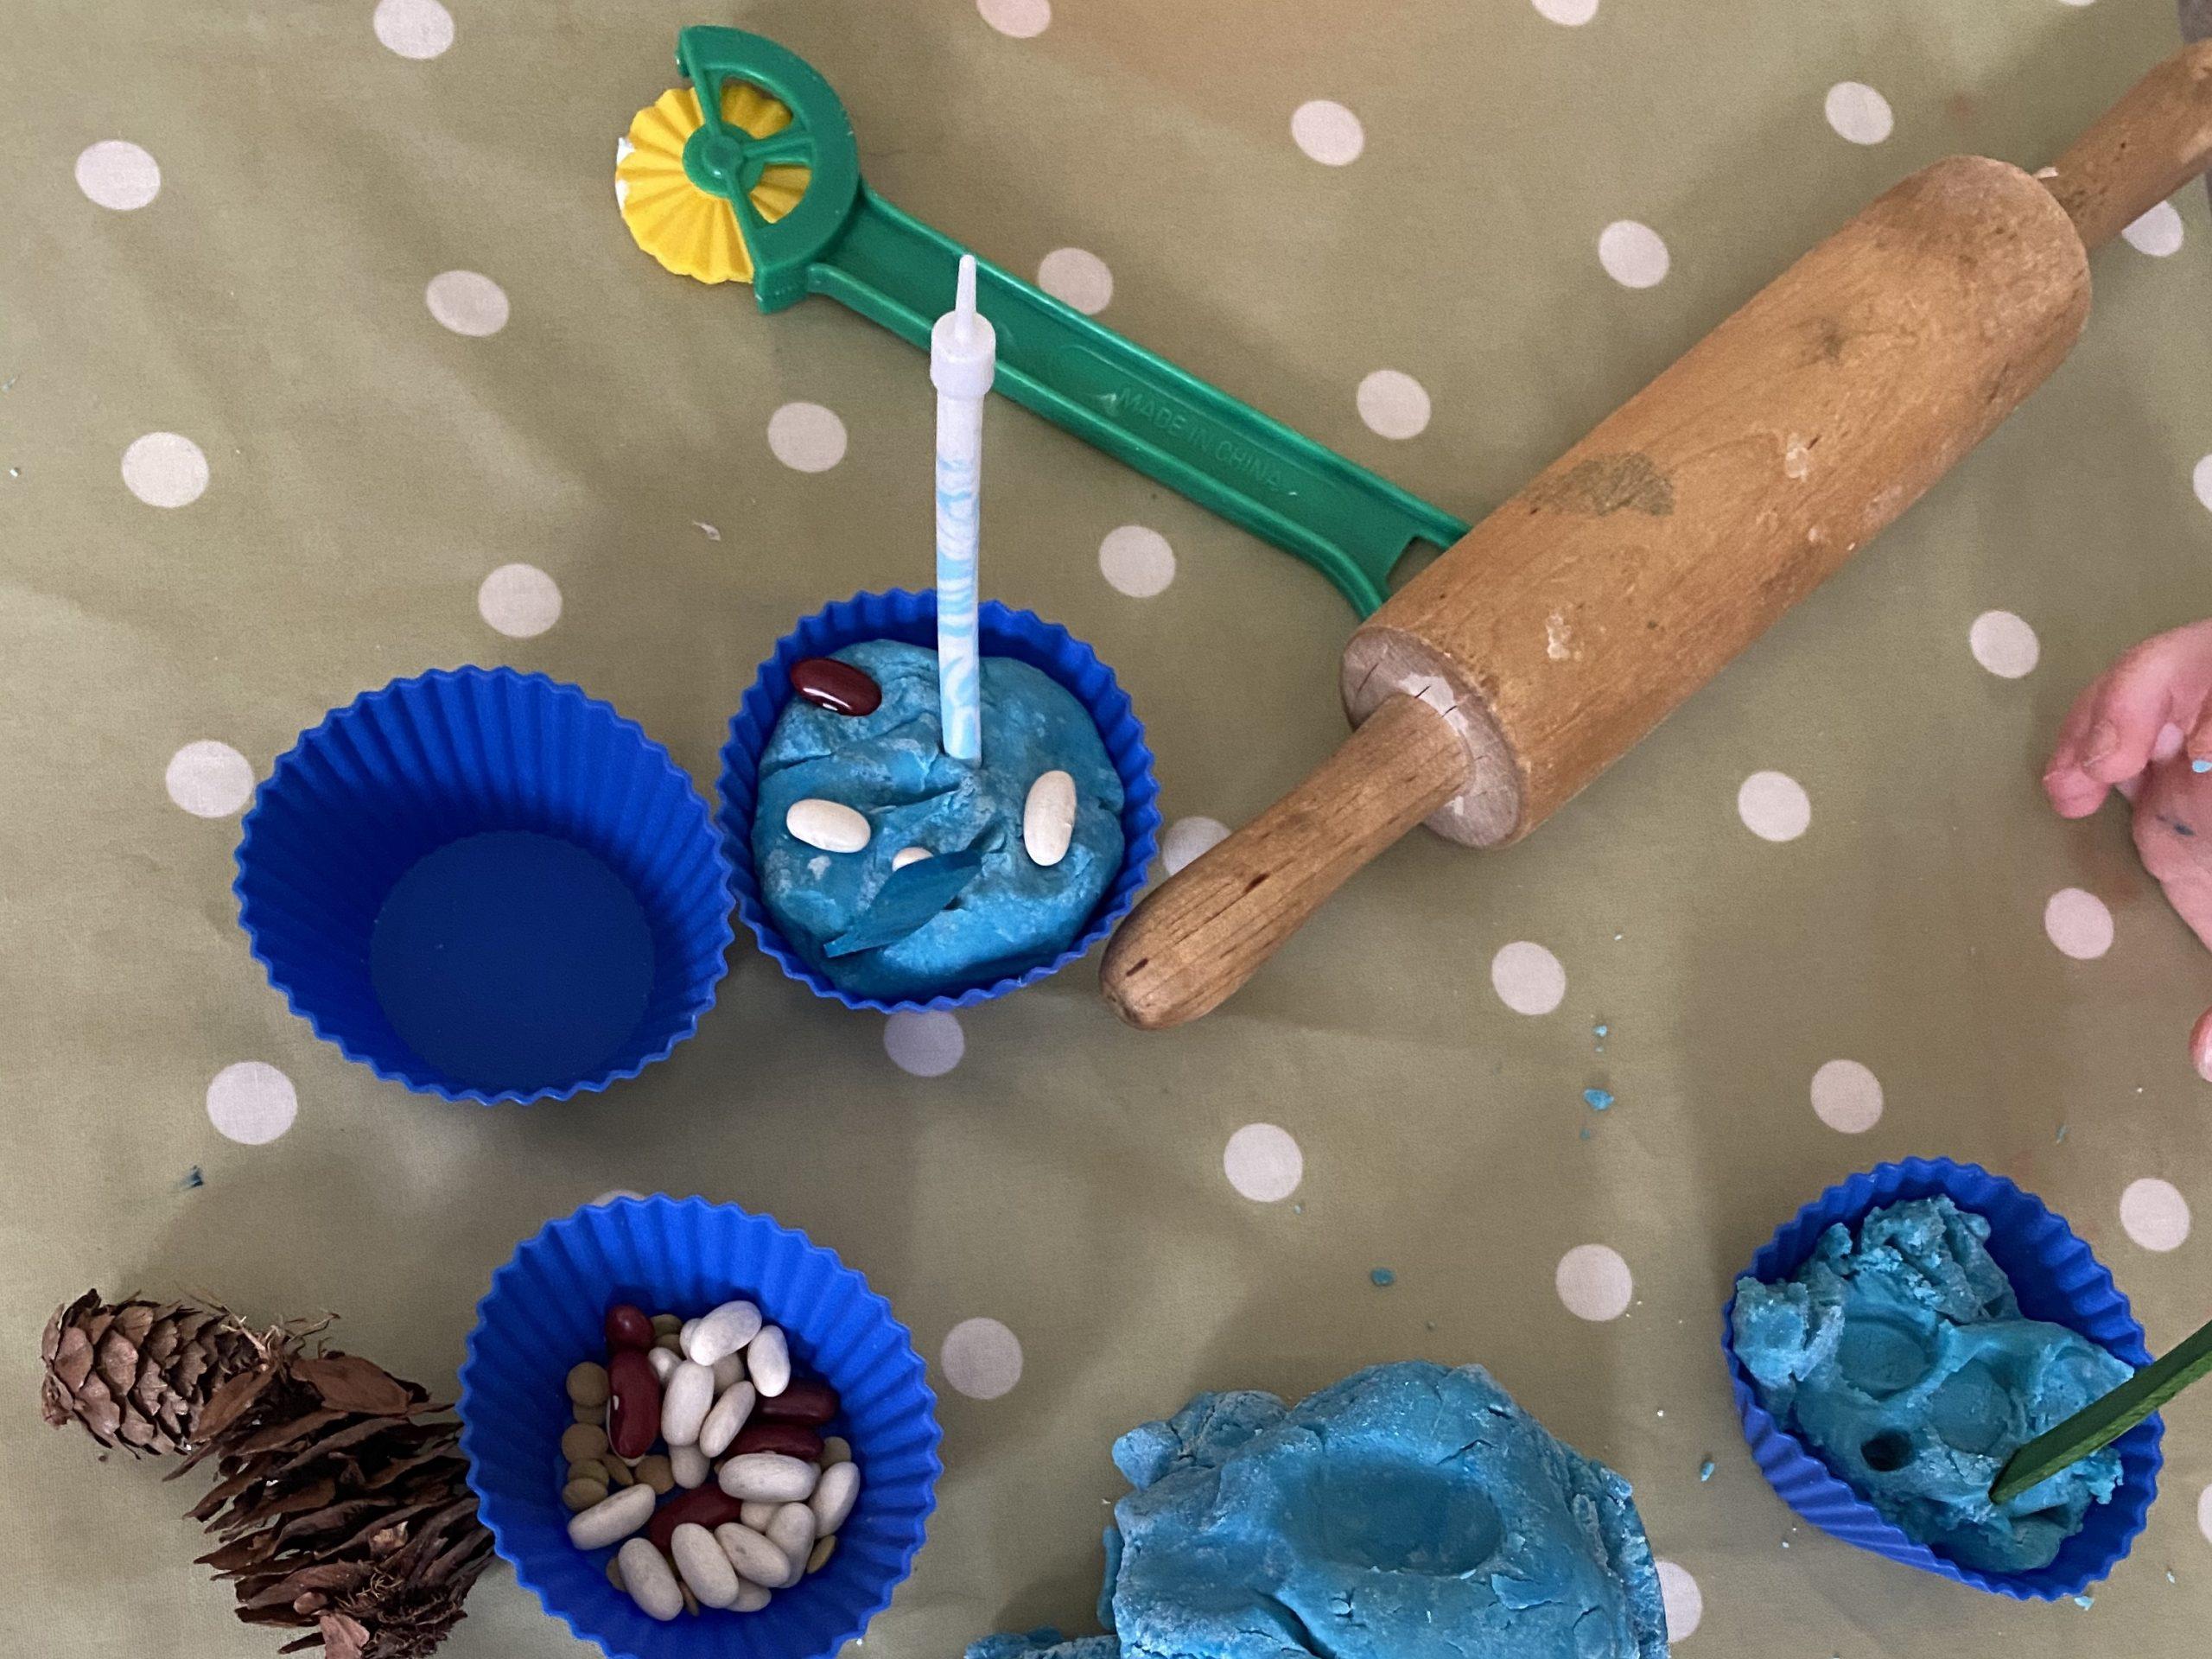 indoor preschooler activity of play dough birthday cupcakes